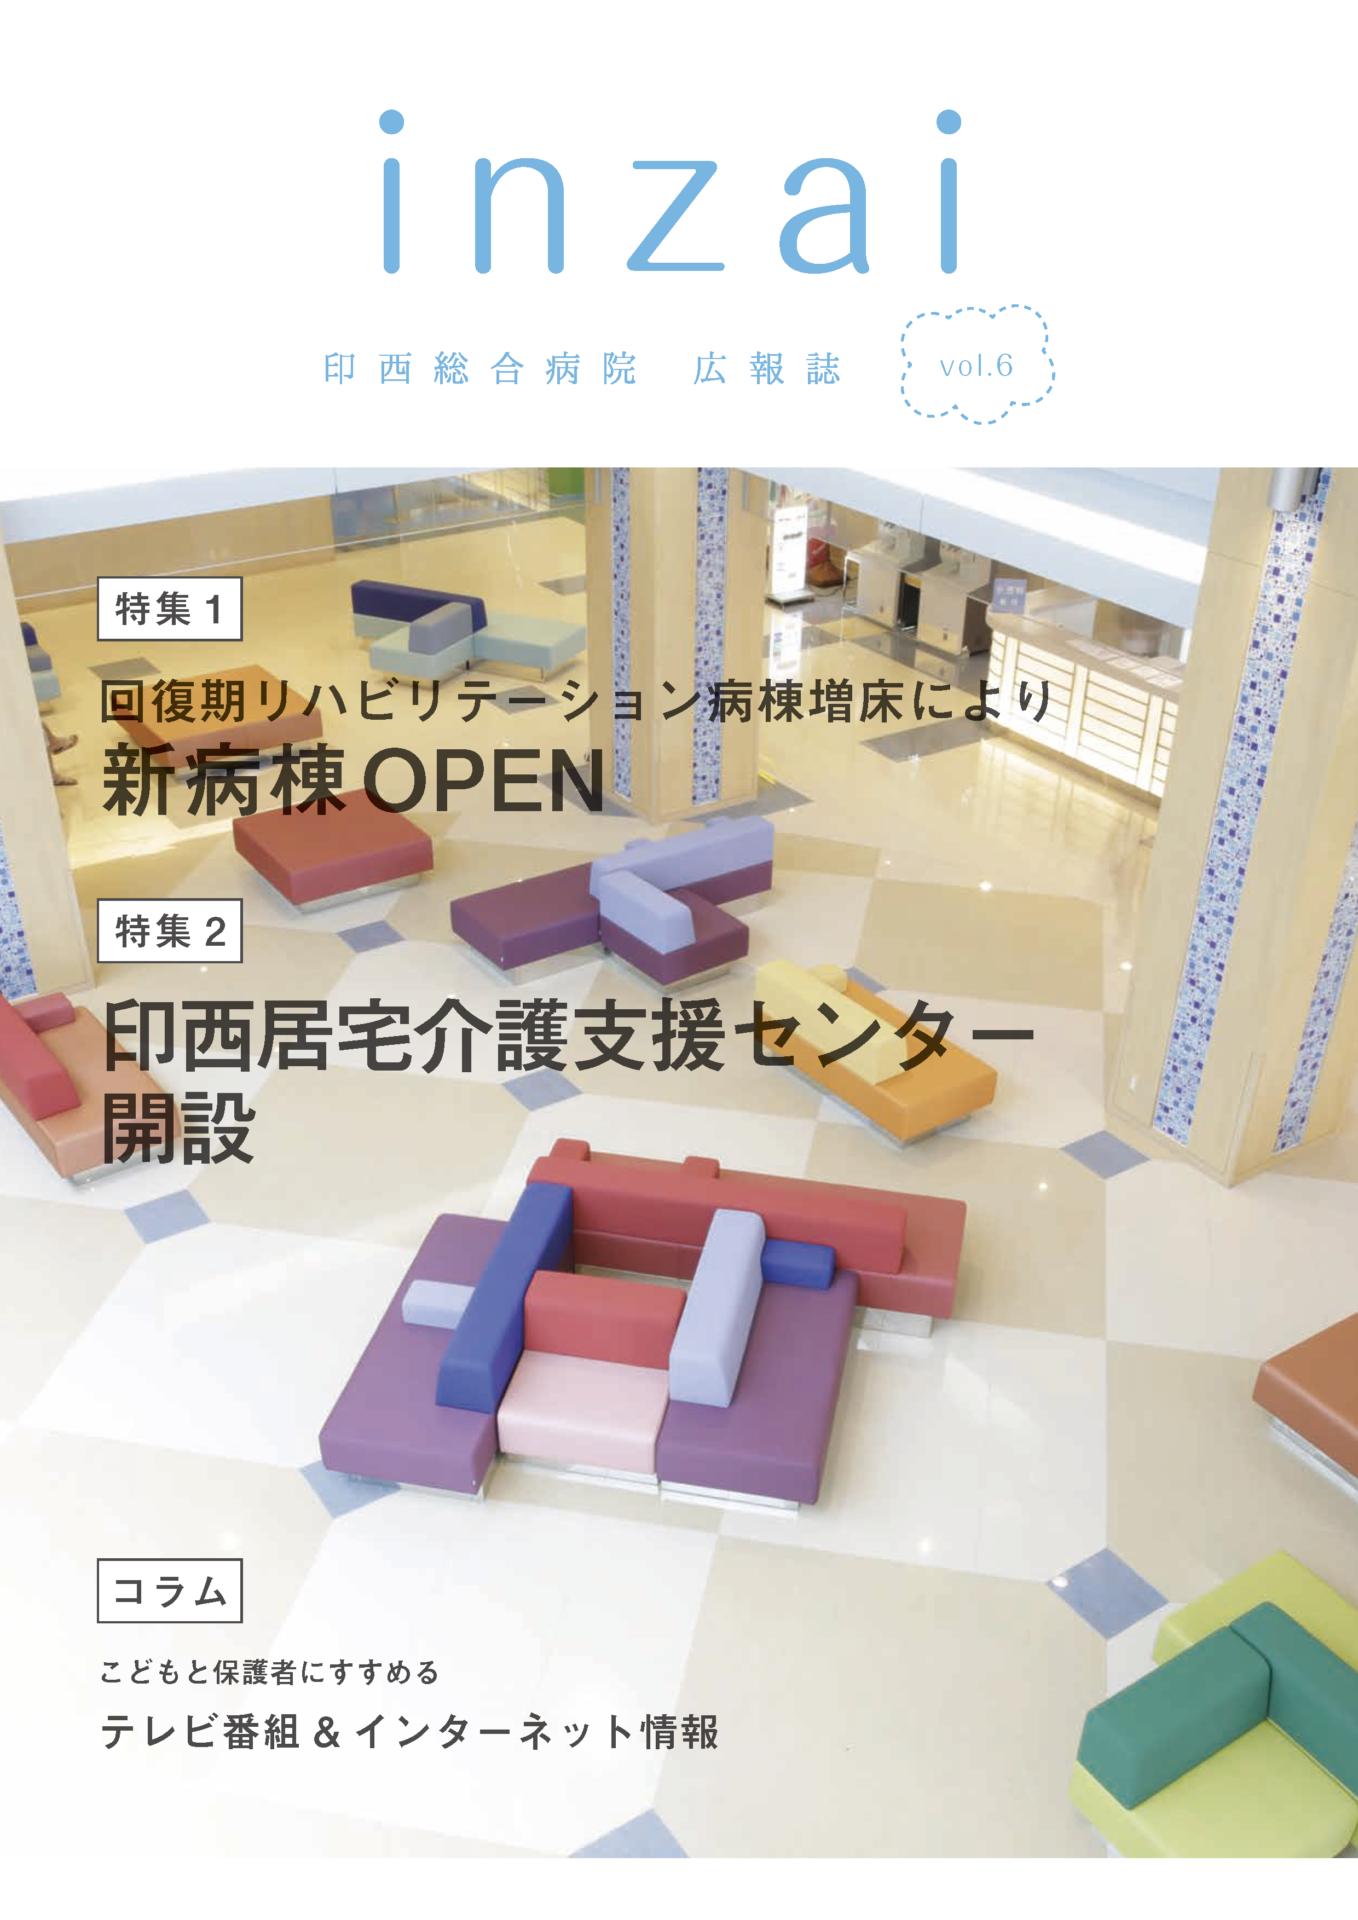 さくら 広報誌「inzai」 vol.6